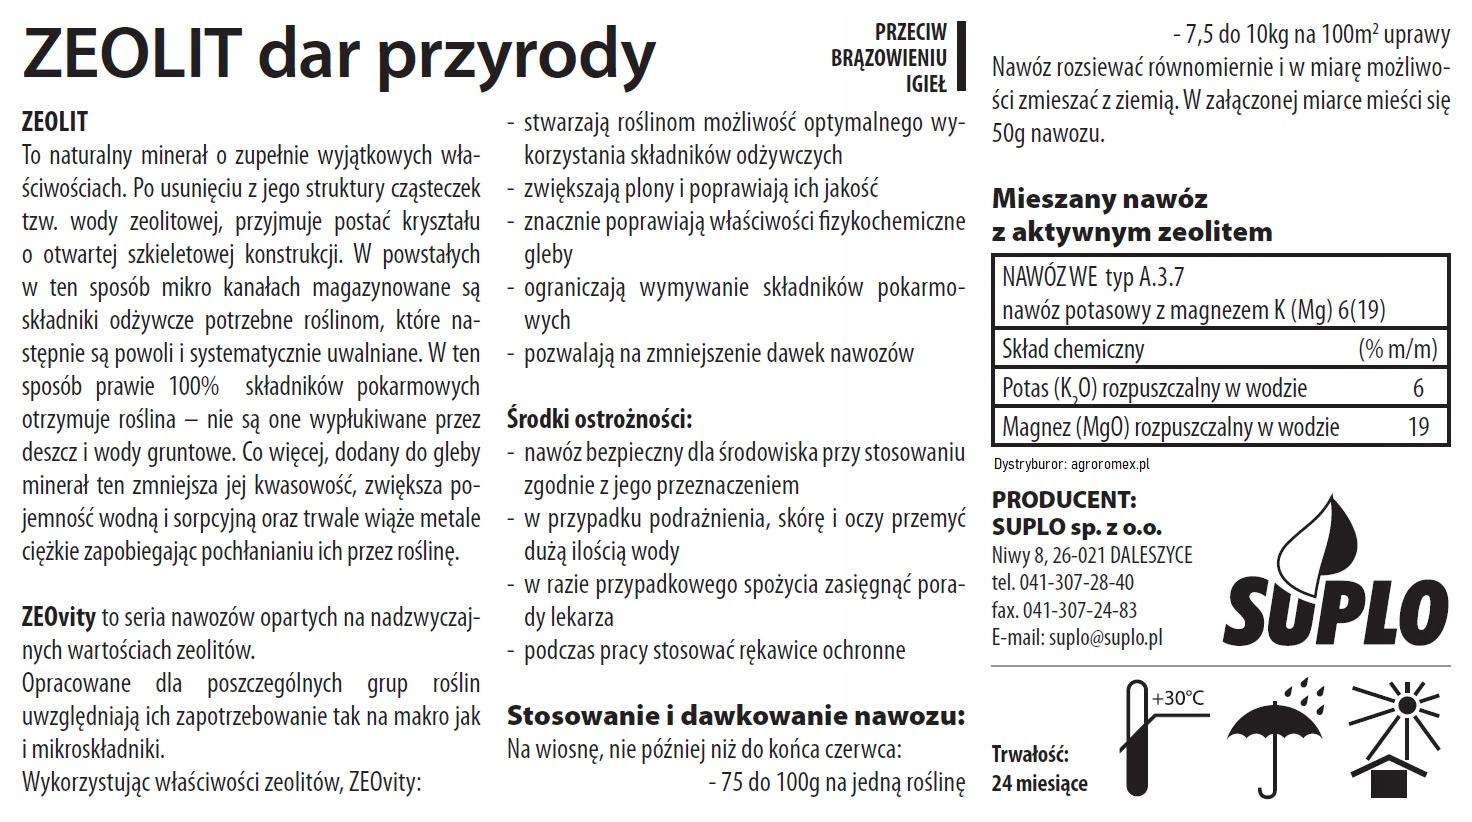 ZEOVIT nawóz przeciw brązowieniu igieł 3 kg PL Producent suplo